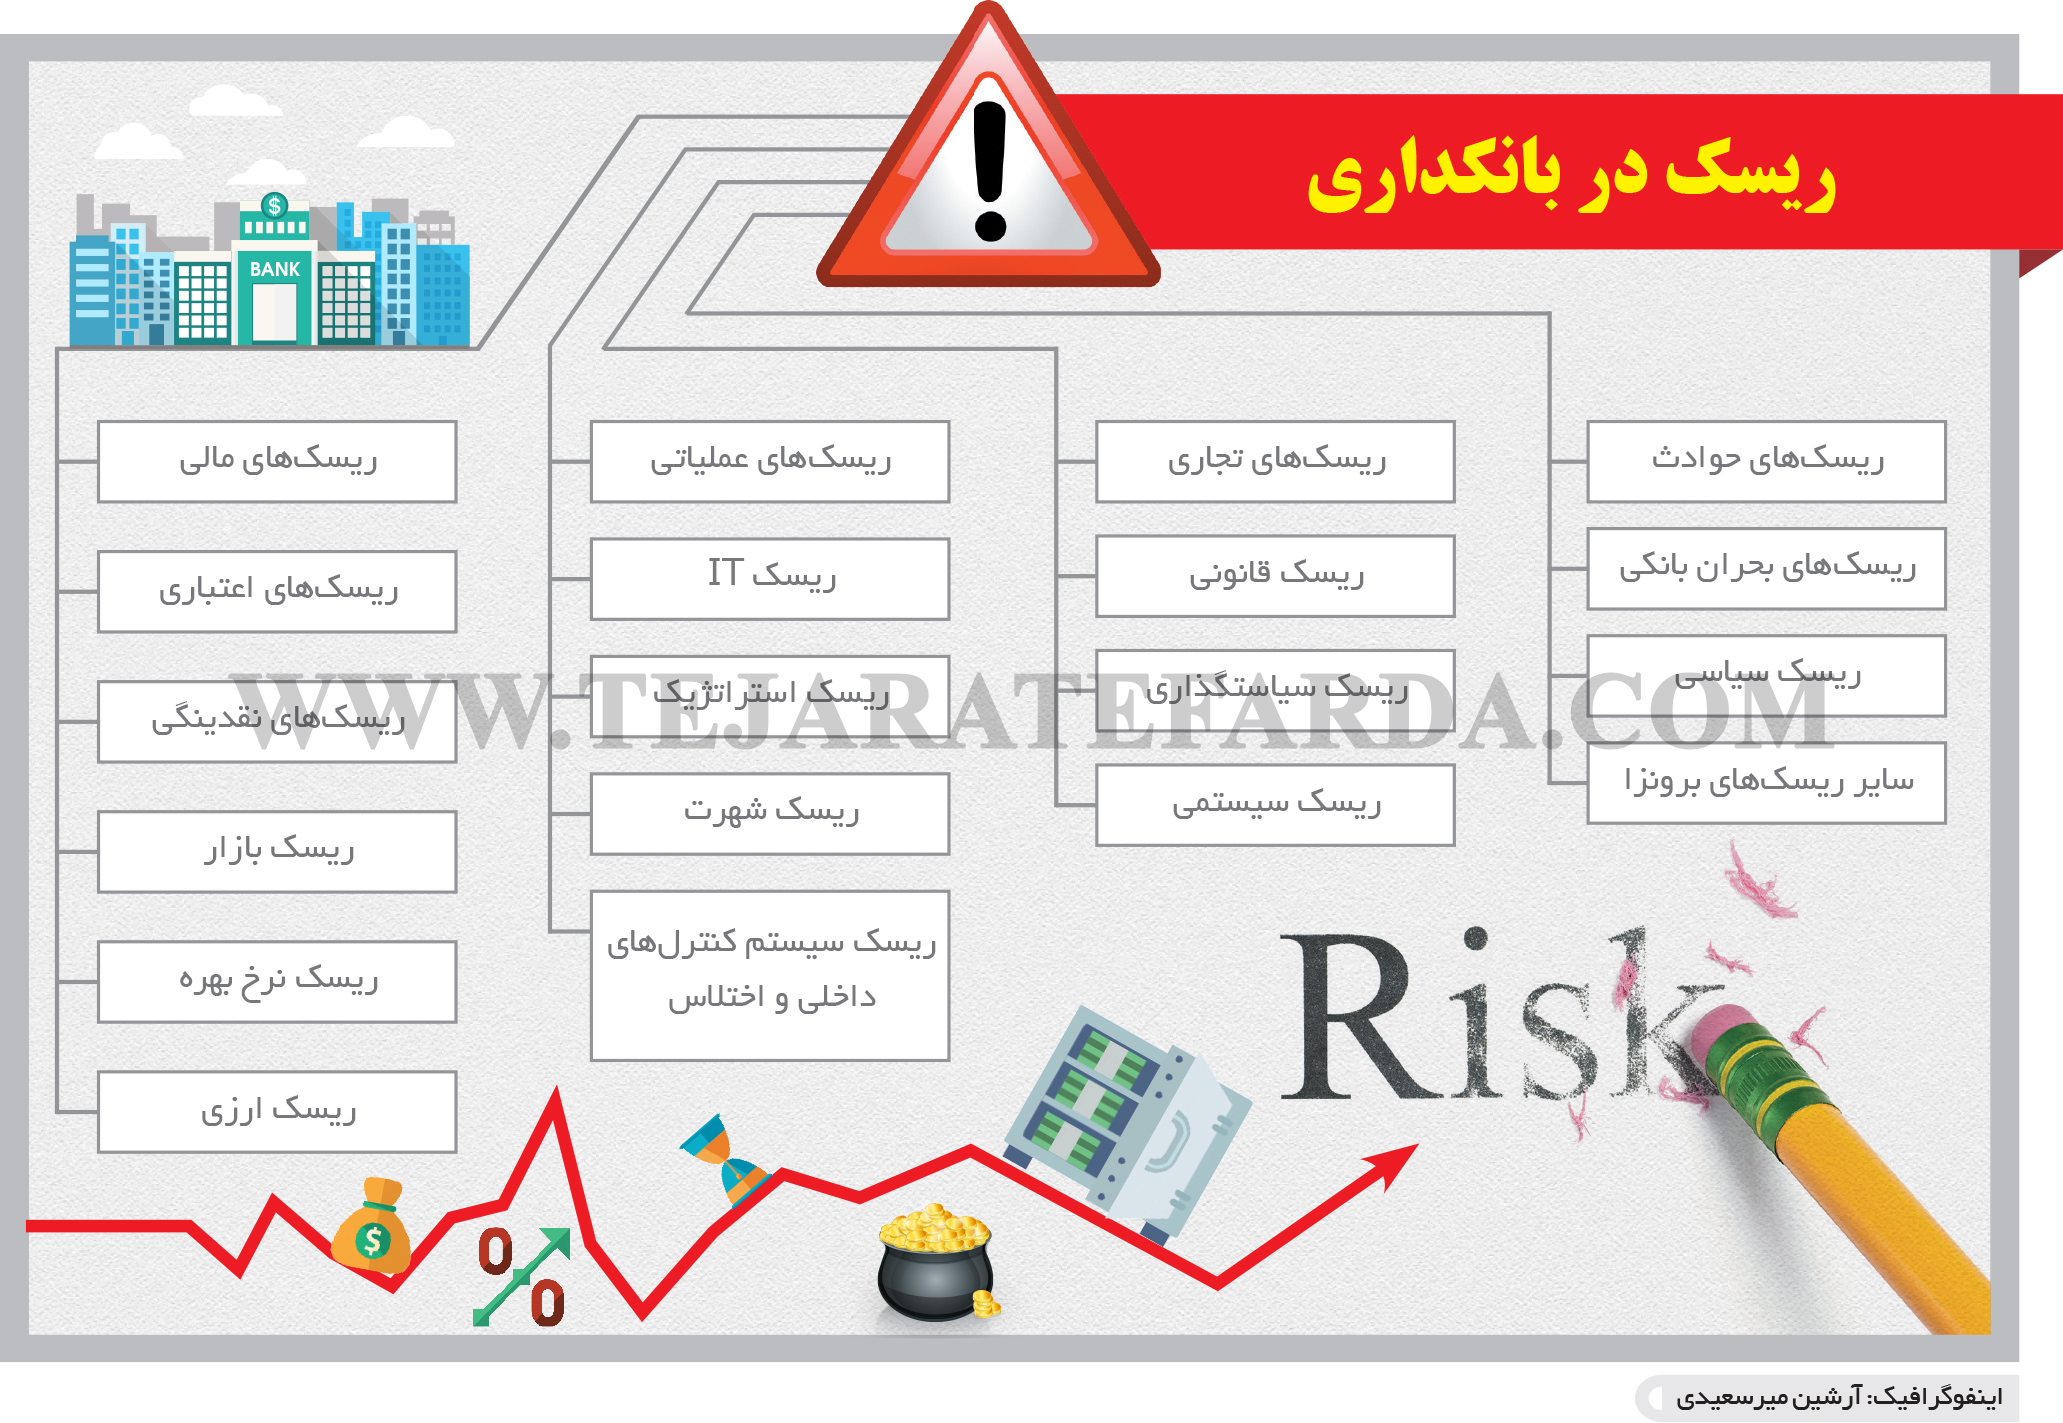 تجارت فردا- اینفوگرافیک- ریسک در بانکداری